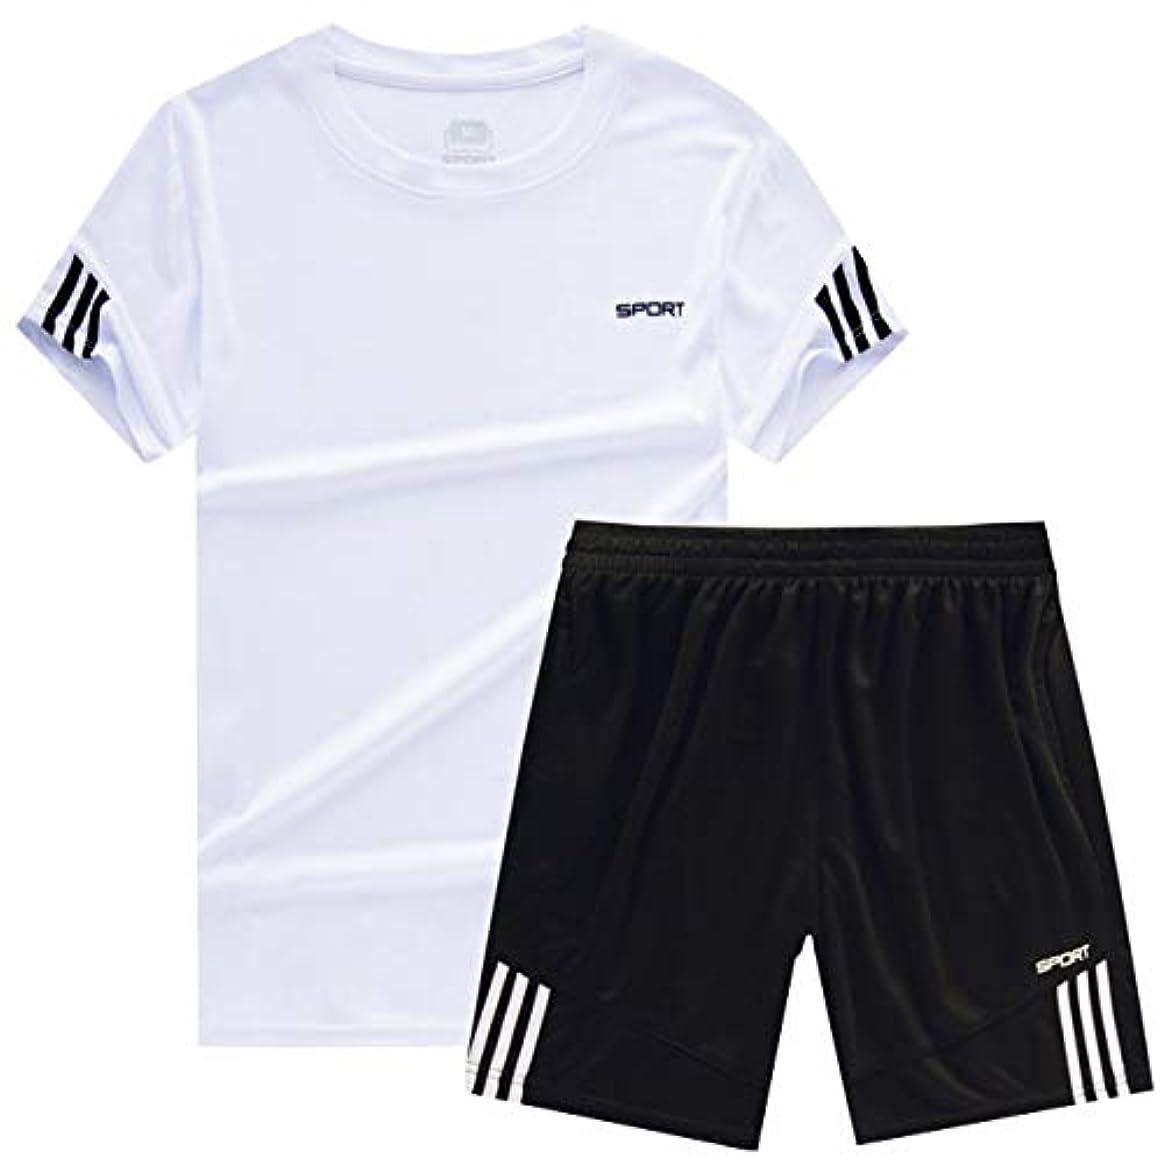 対処鋼タップ[ココチエ] スポーツウェア メンズ 半袖 短パン 上下 tシャツ 大きめ セットアップ 部屋着 夏